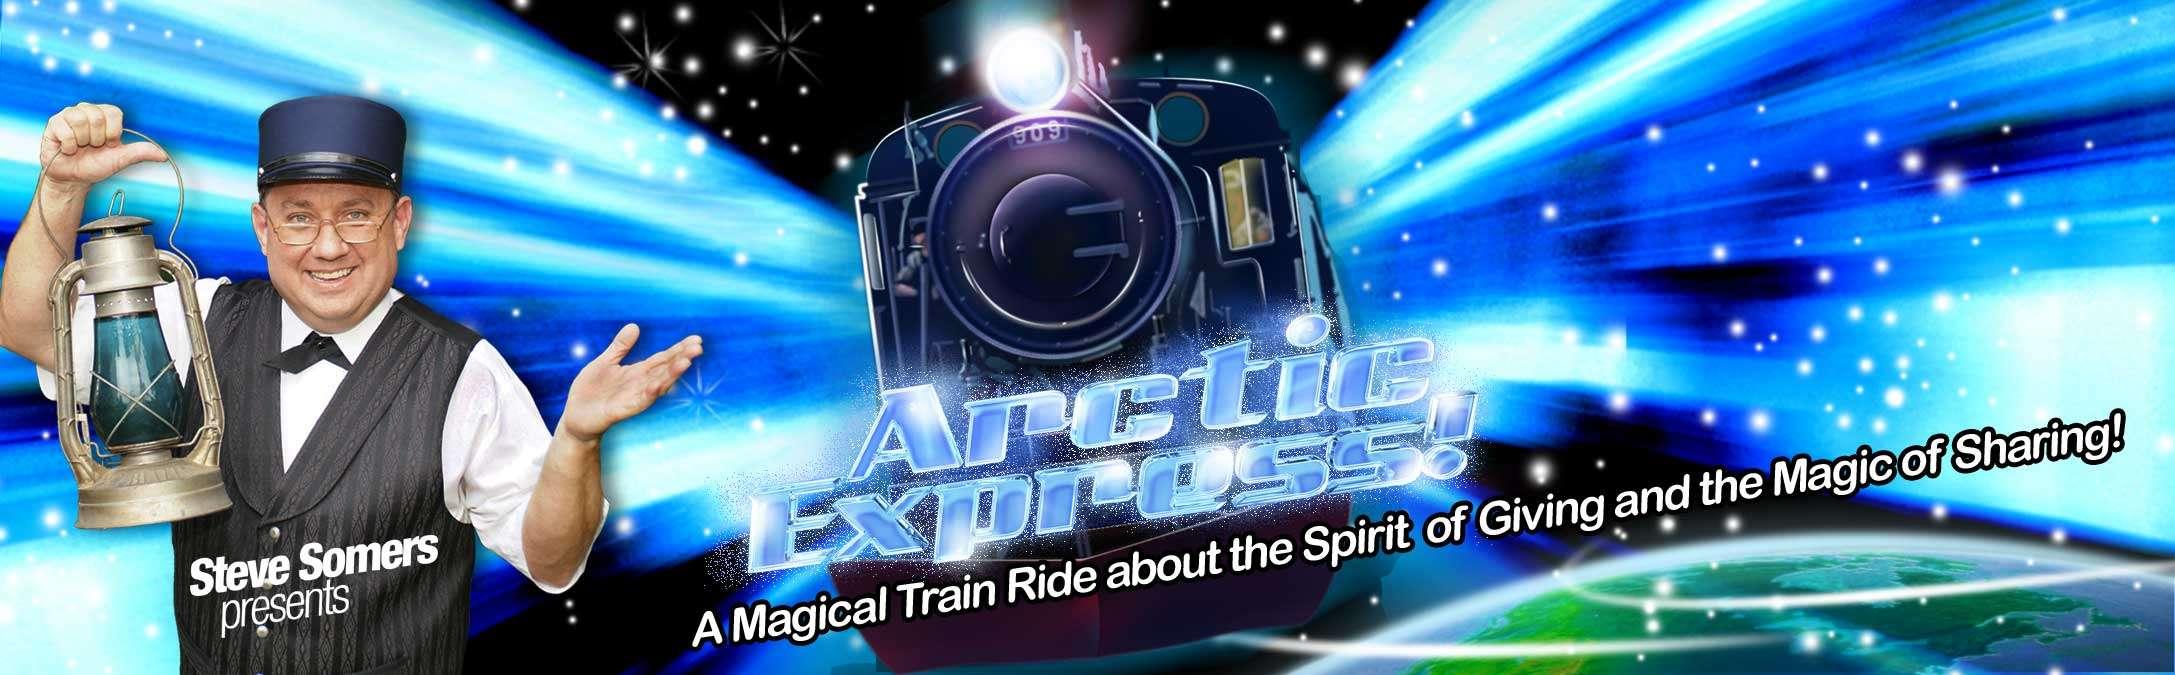 The Arctic Express